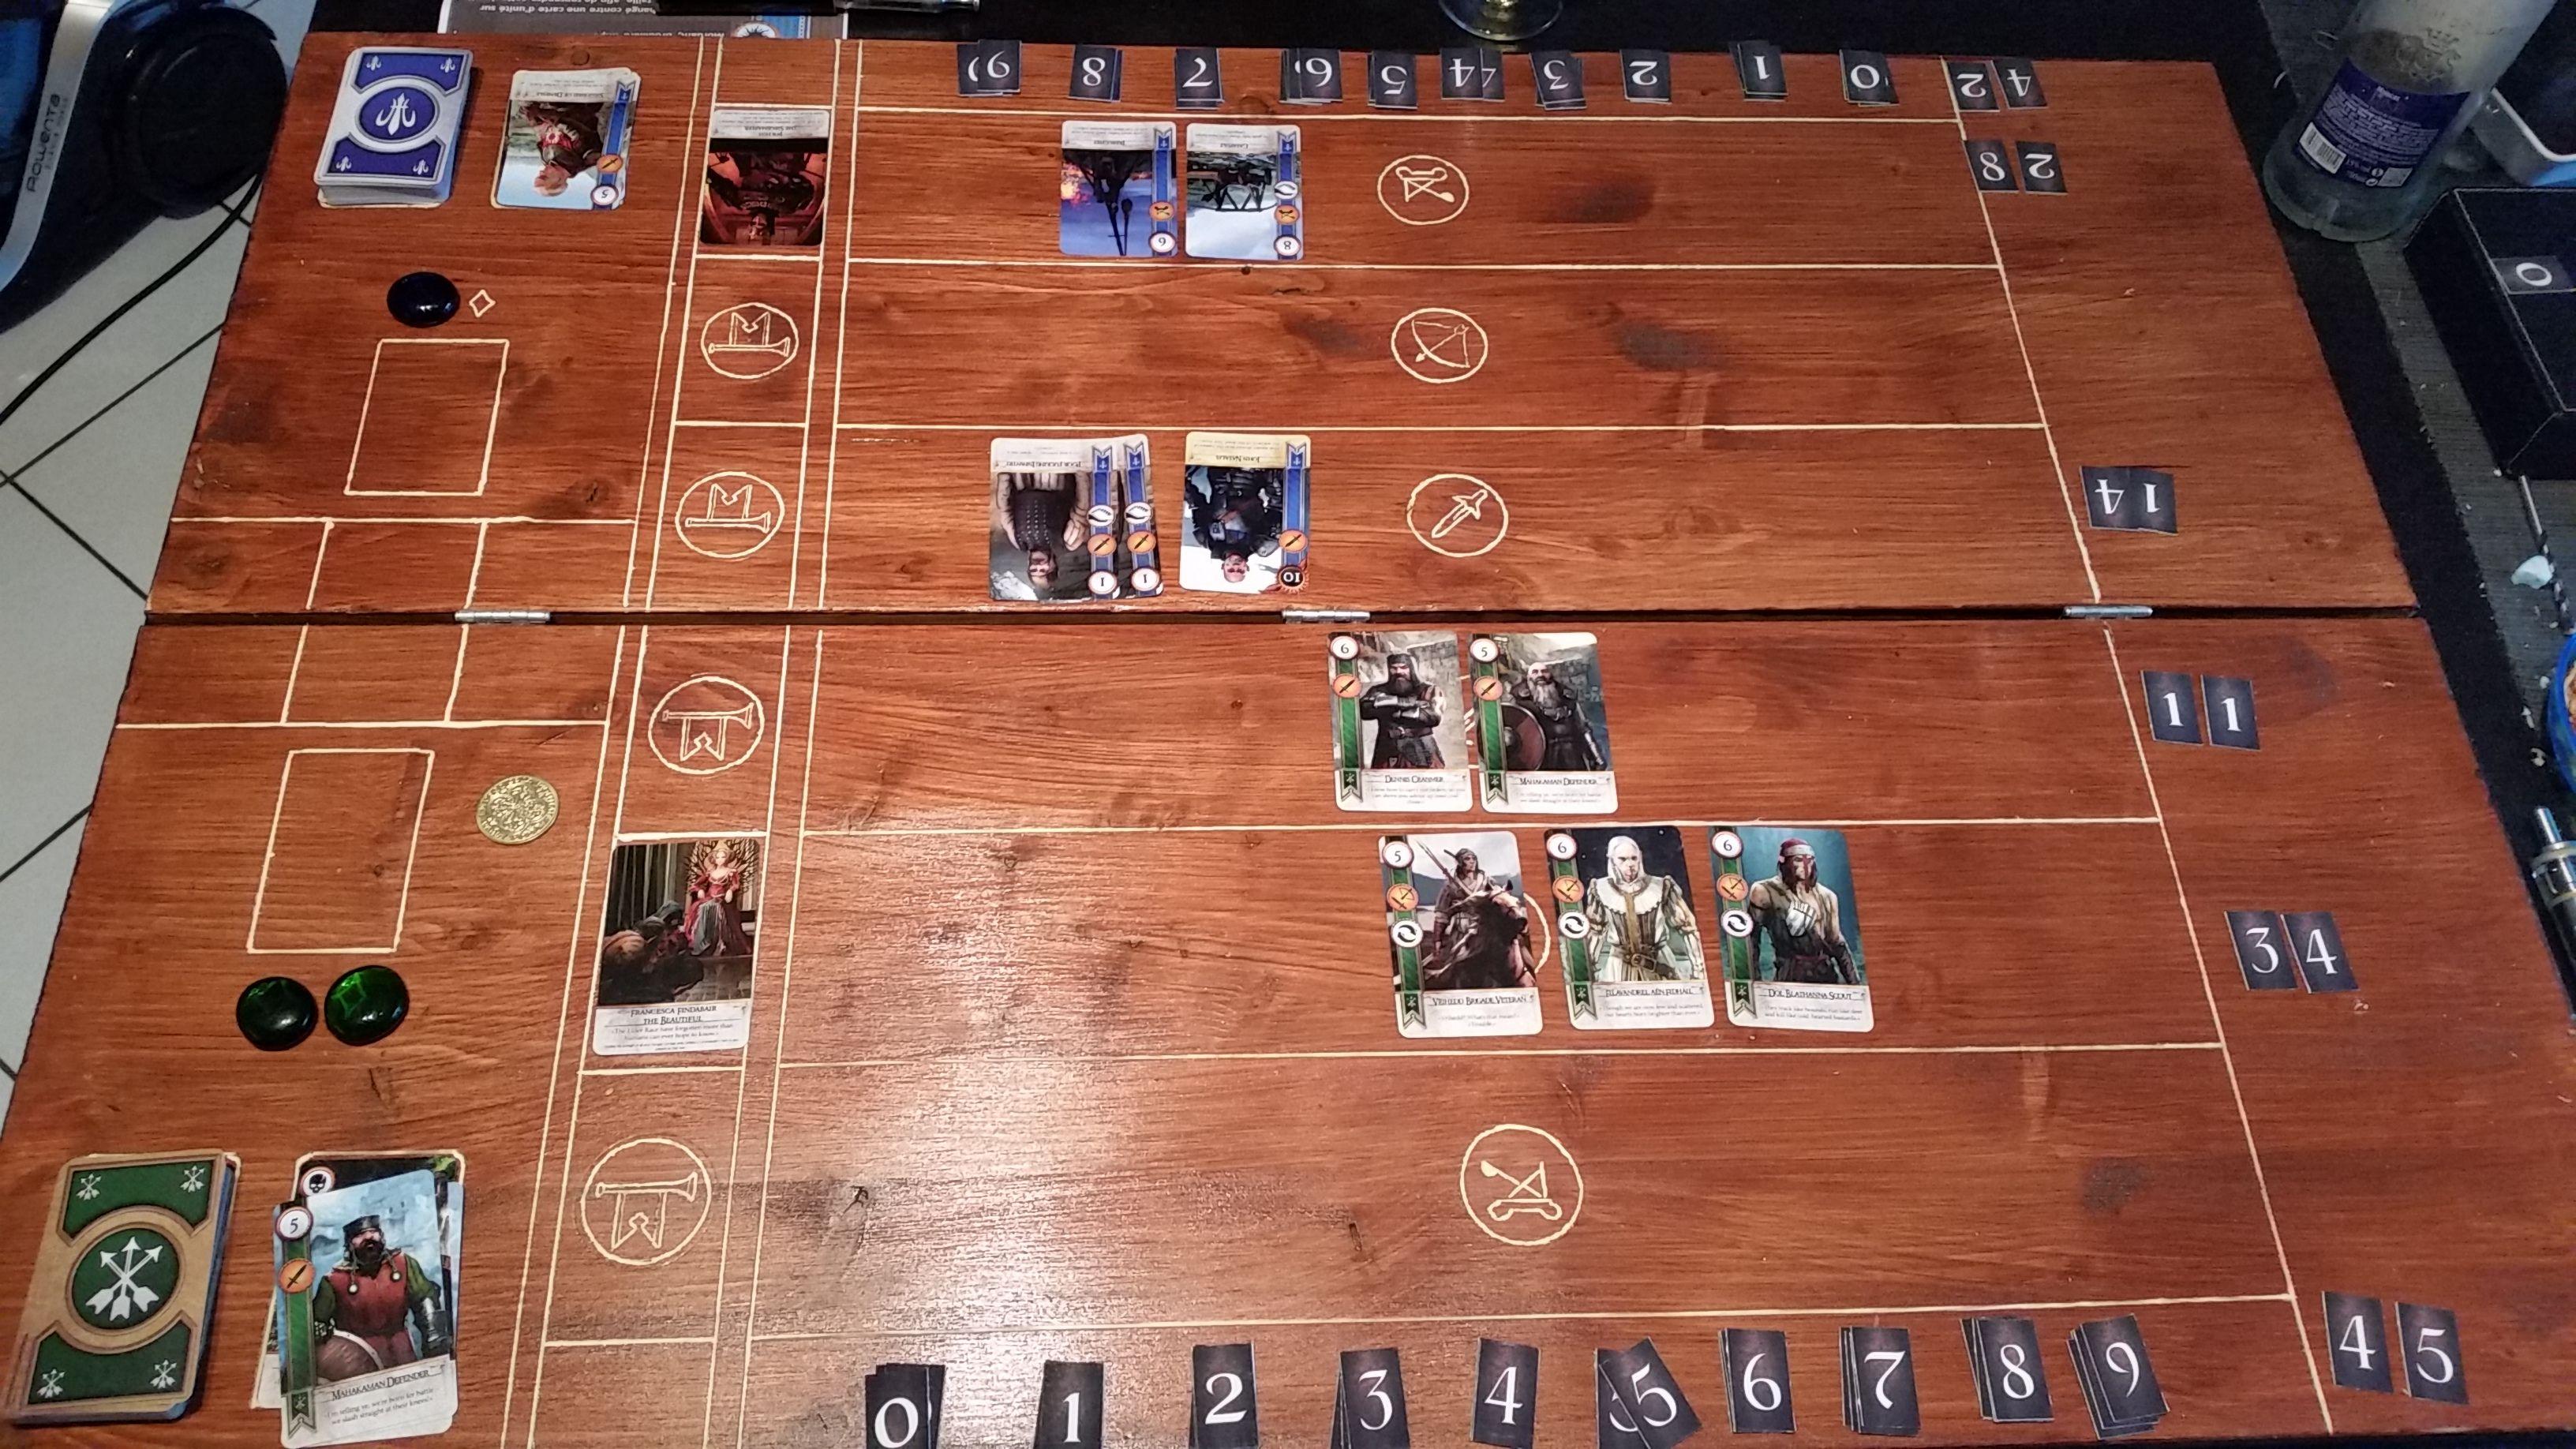 gwynt jeu de carte Gwynt   jeu de cartes Witcher 3 en DIY [Terminé] | Jeu de cartes